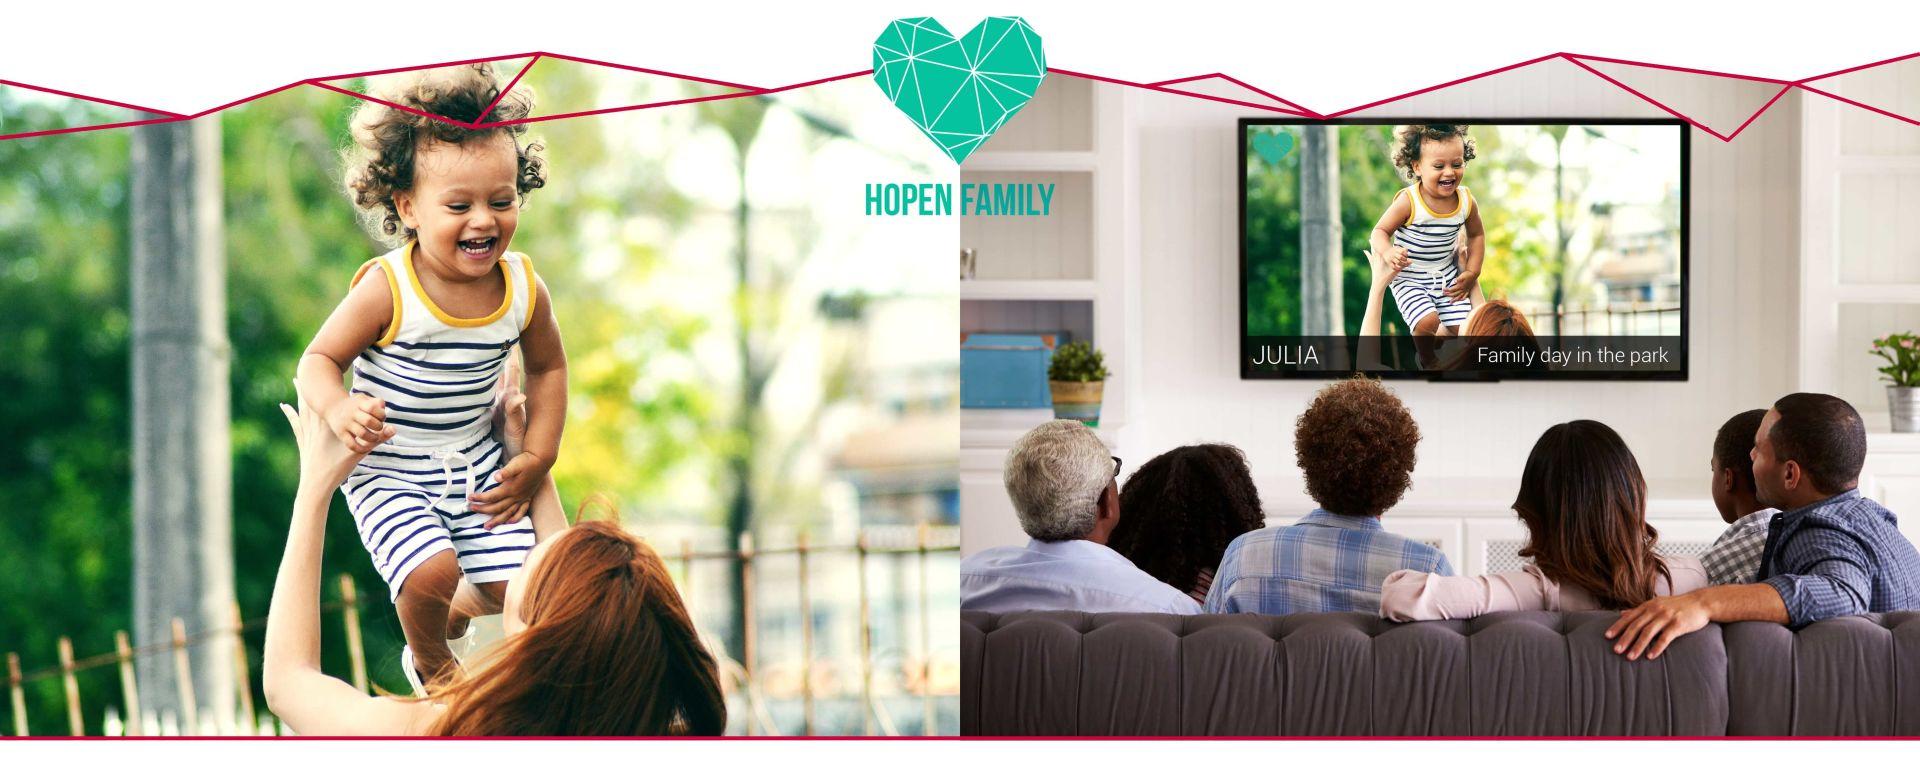 Hopen family home en qmevxv